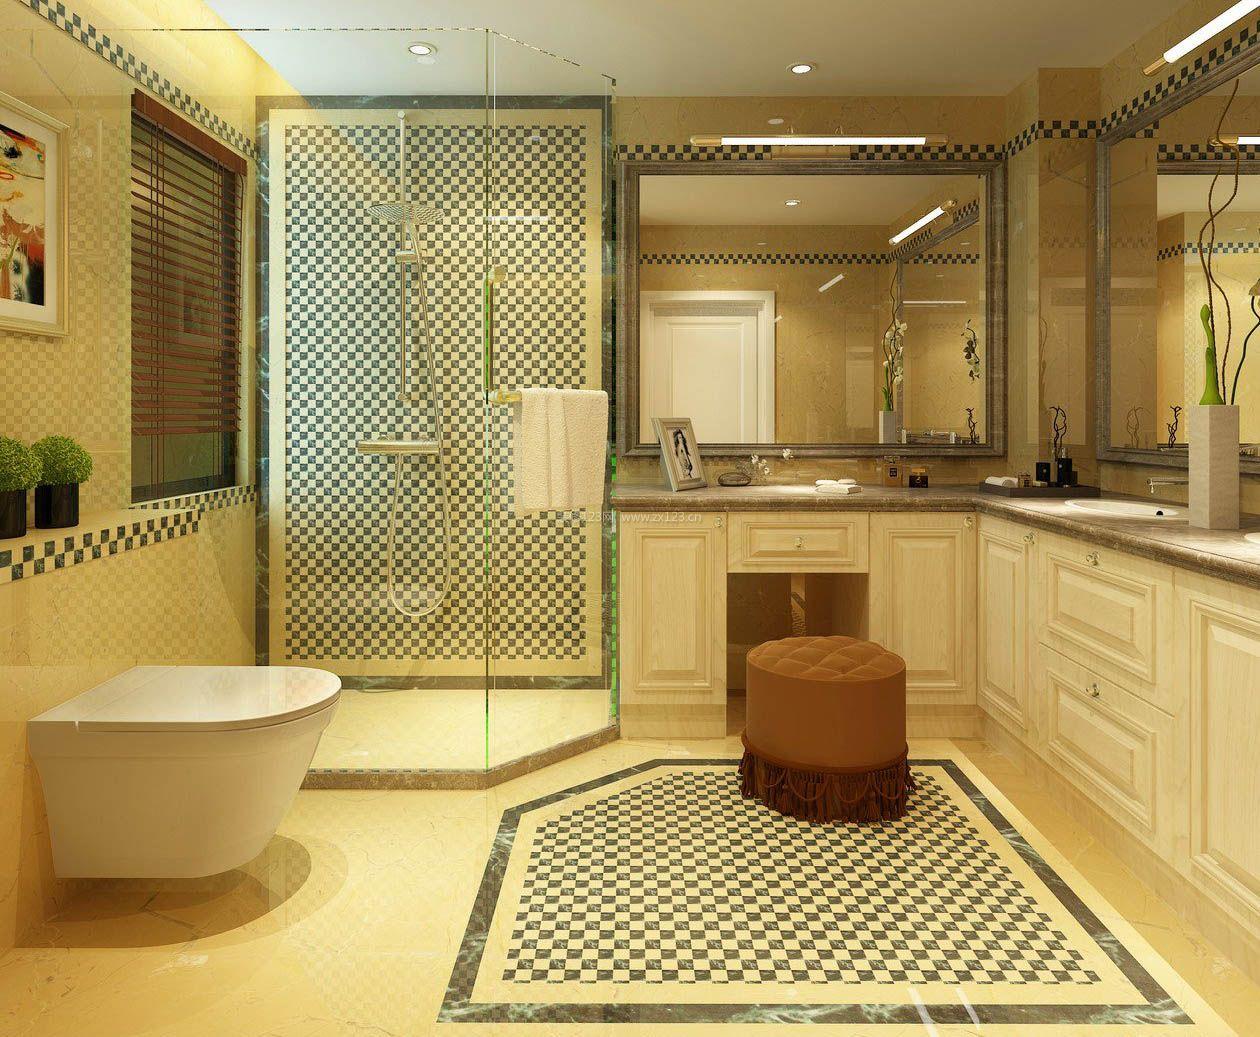 2017浴室整体淋浴房隔断玻璃效果图片_装修123效果图